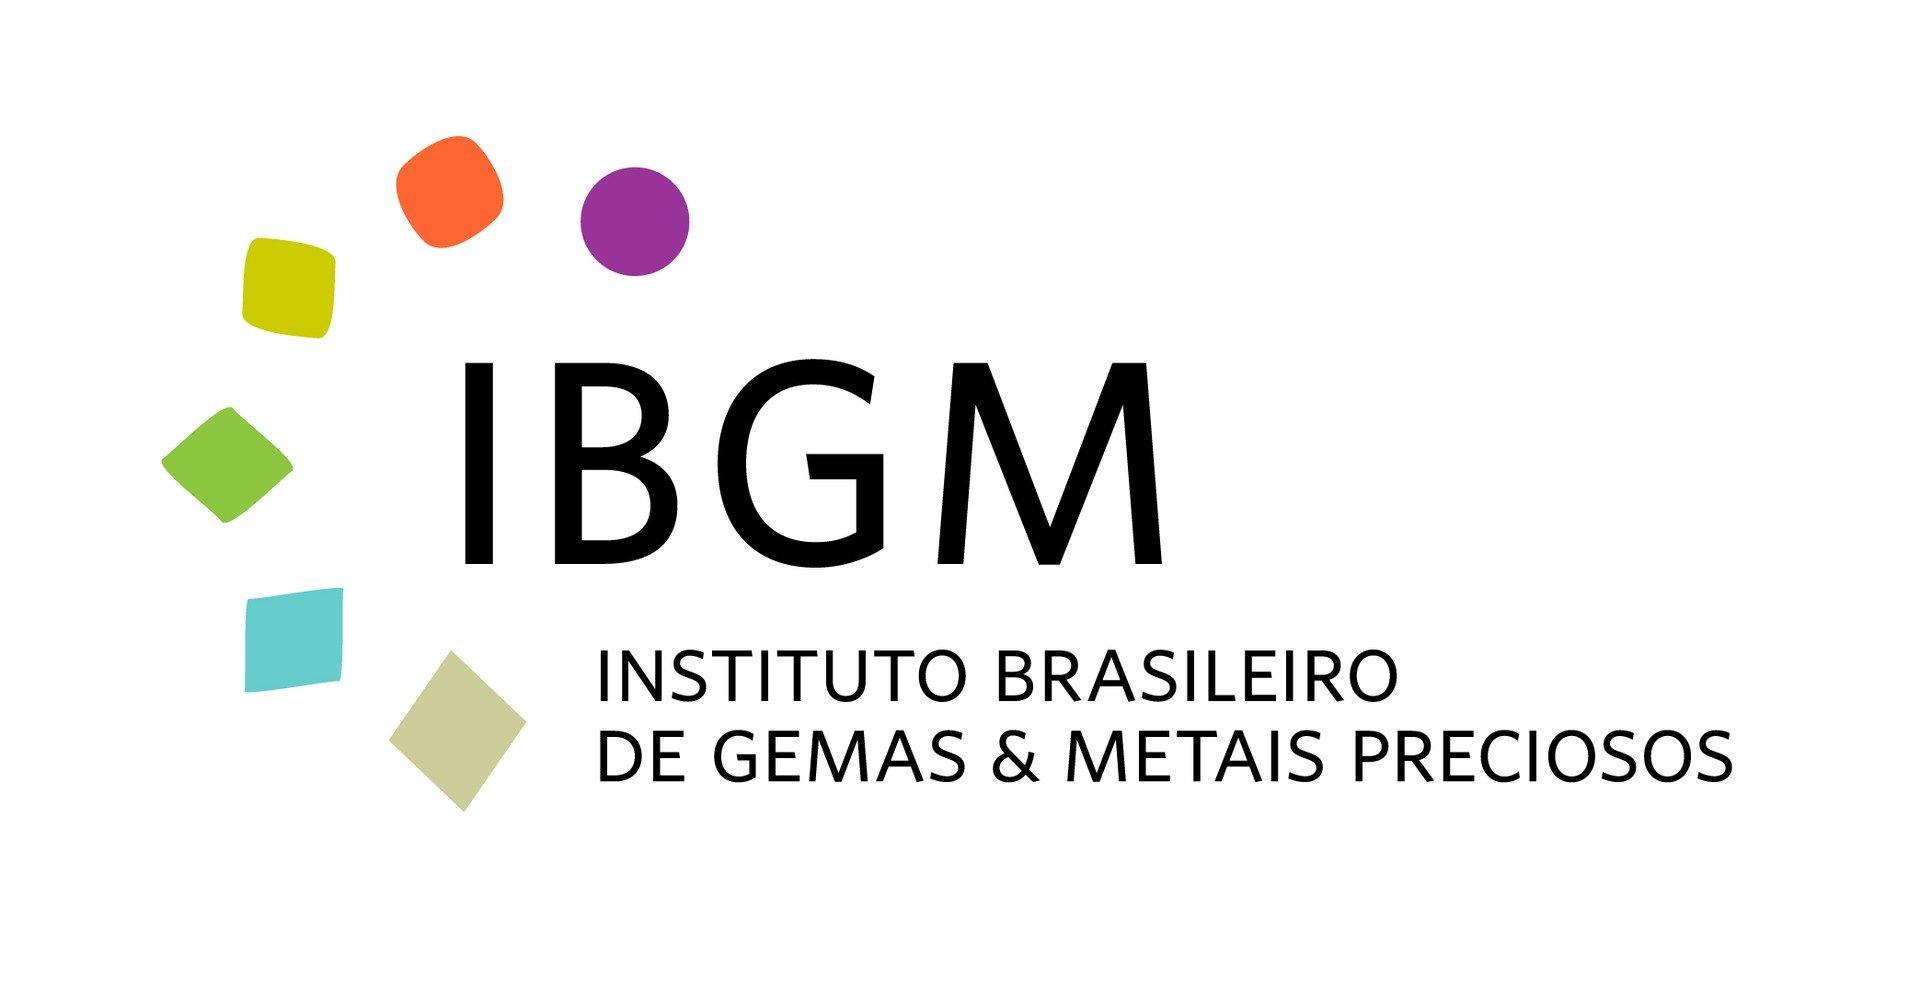 Instituto Brasileiro de Gemas e Metais